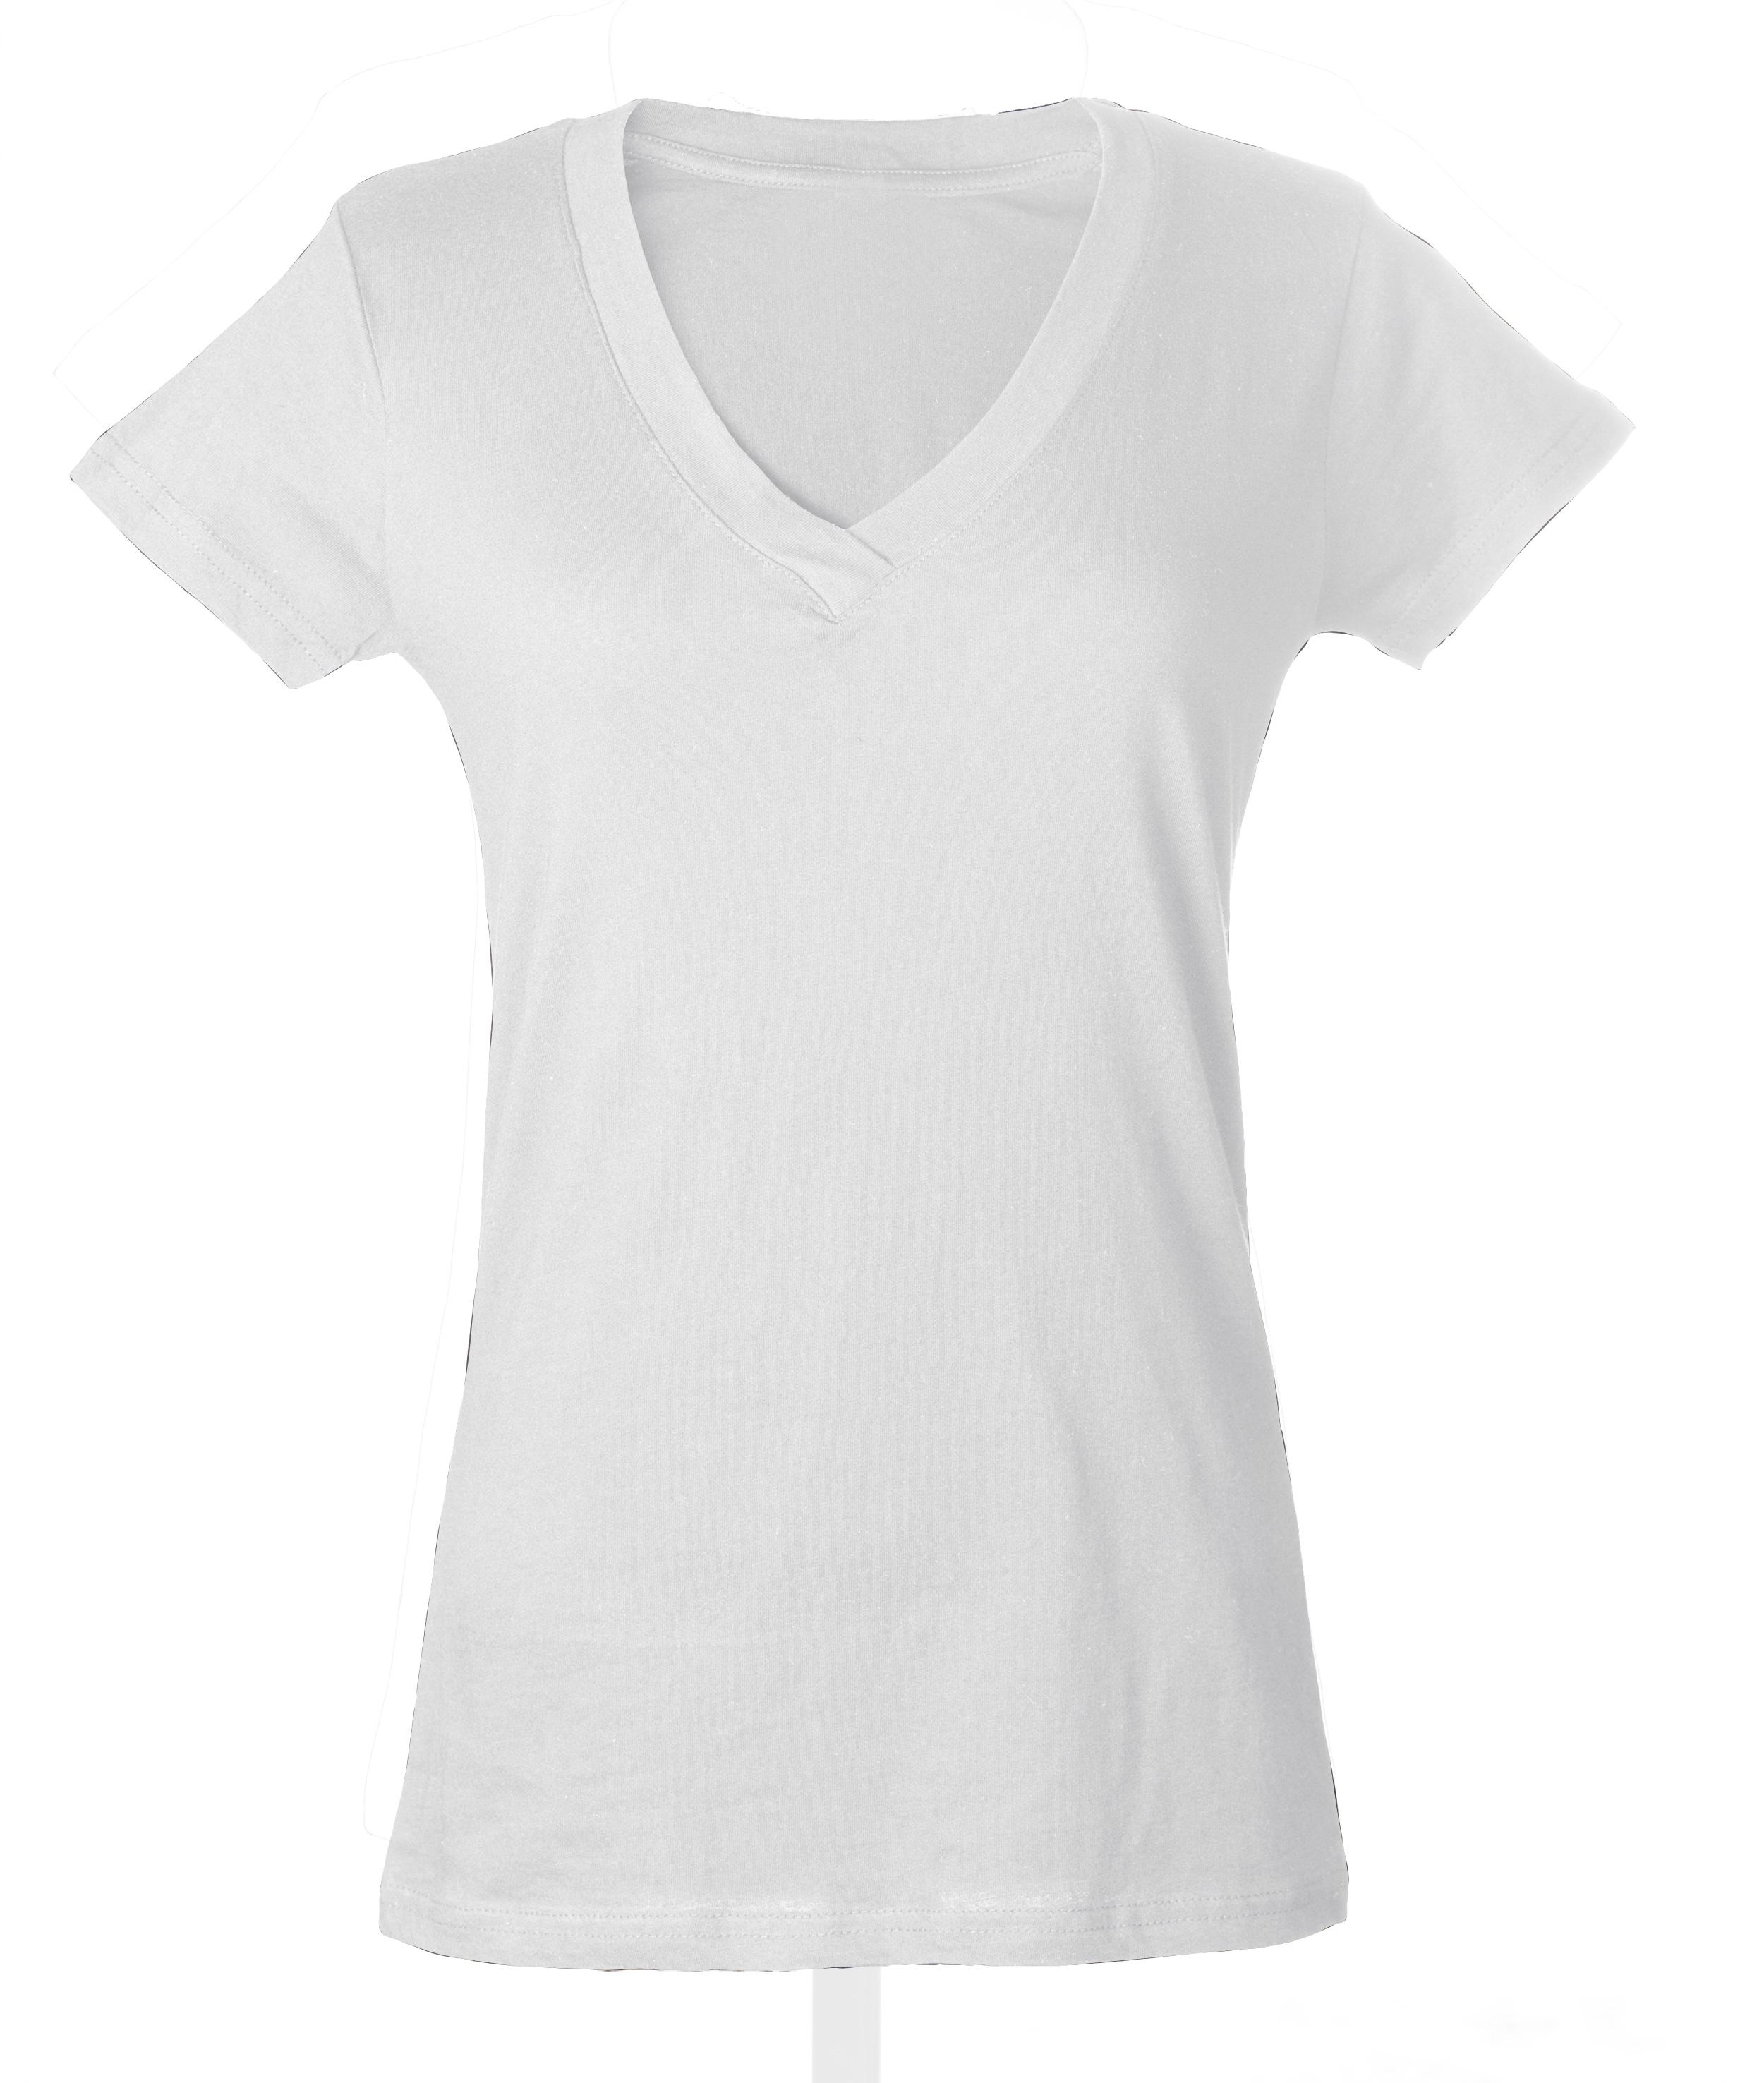 Tultex 0214 for White female t shirt